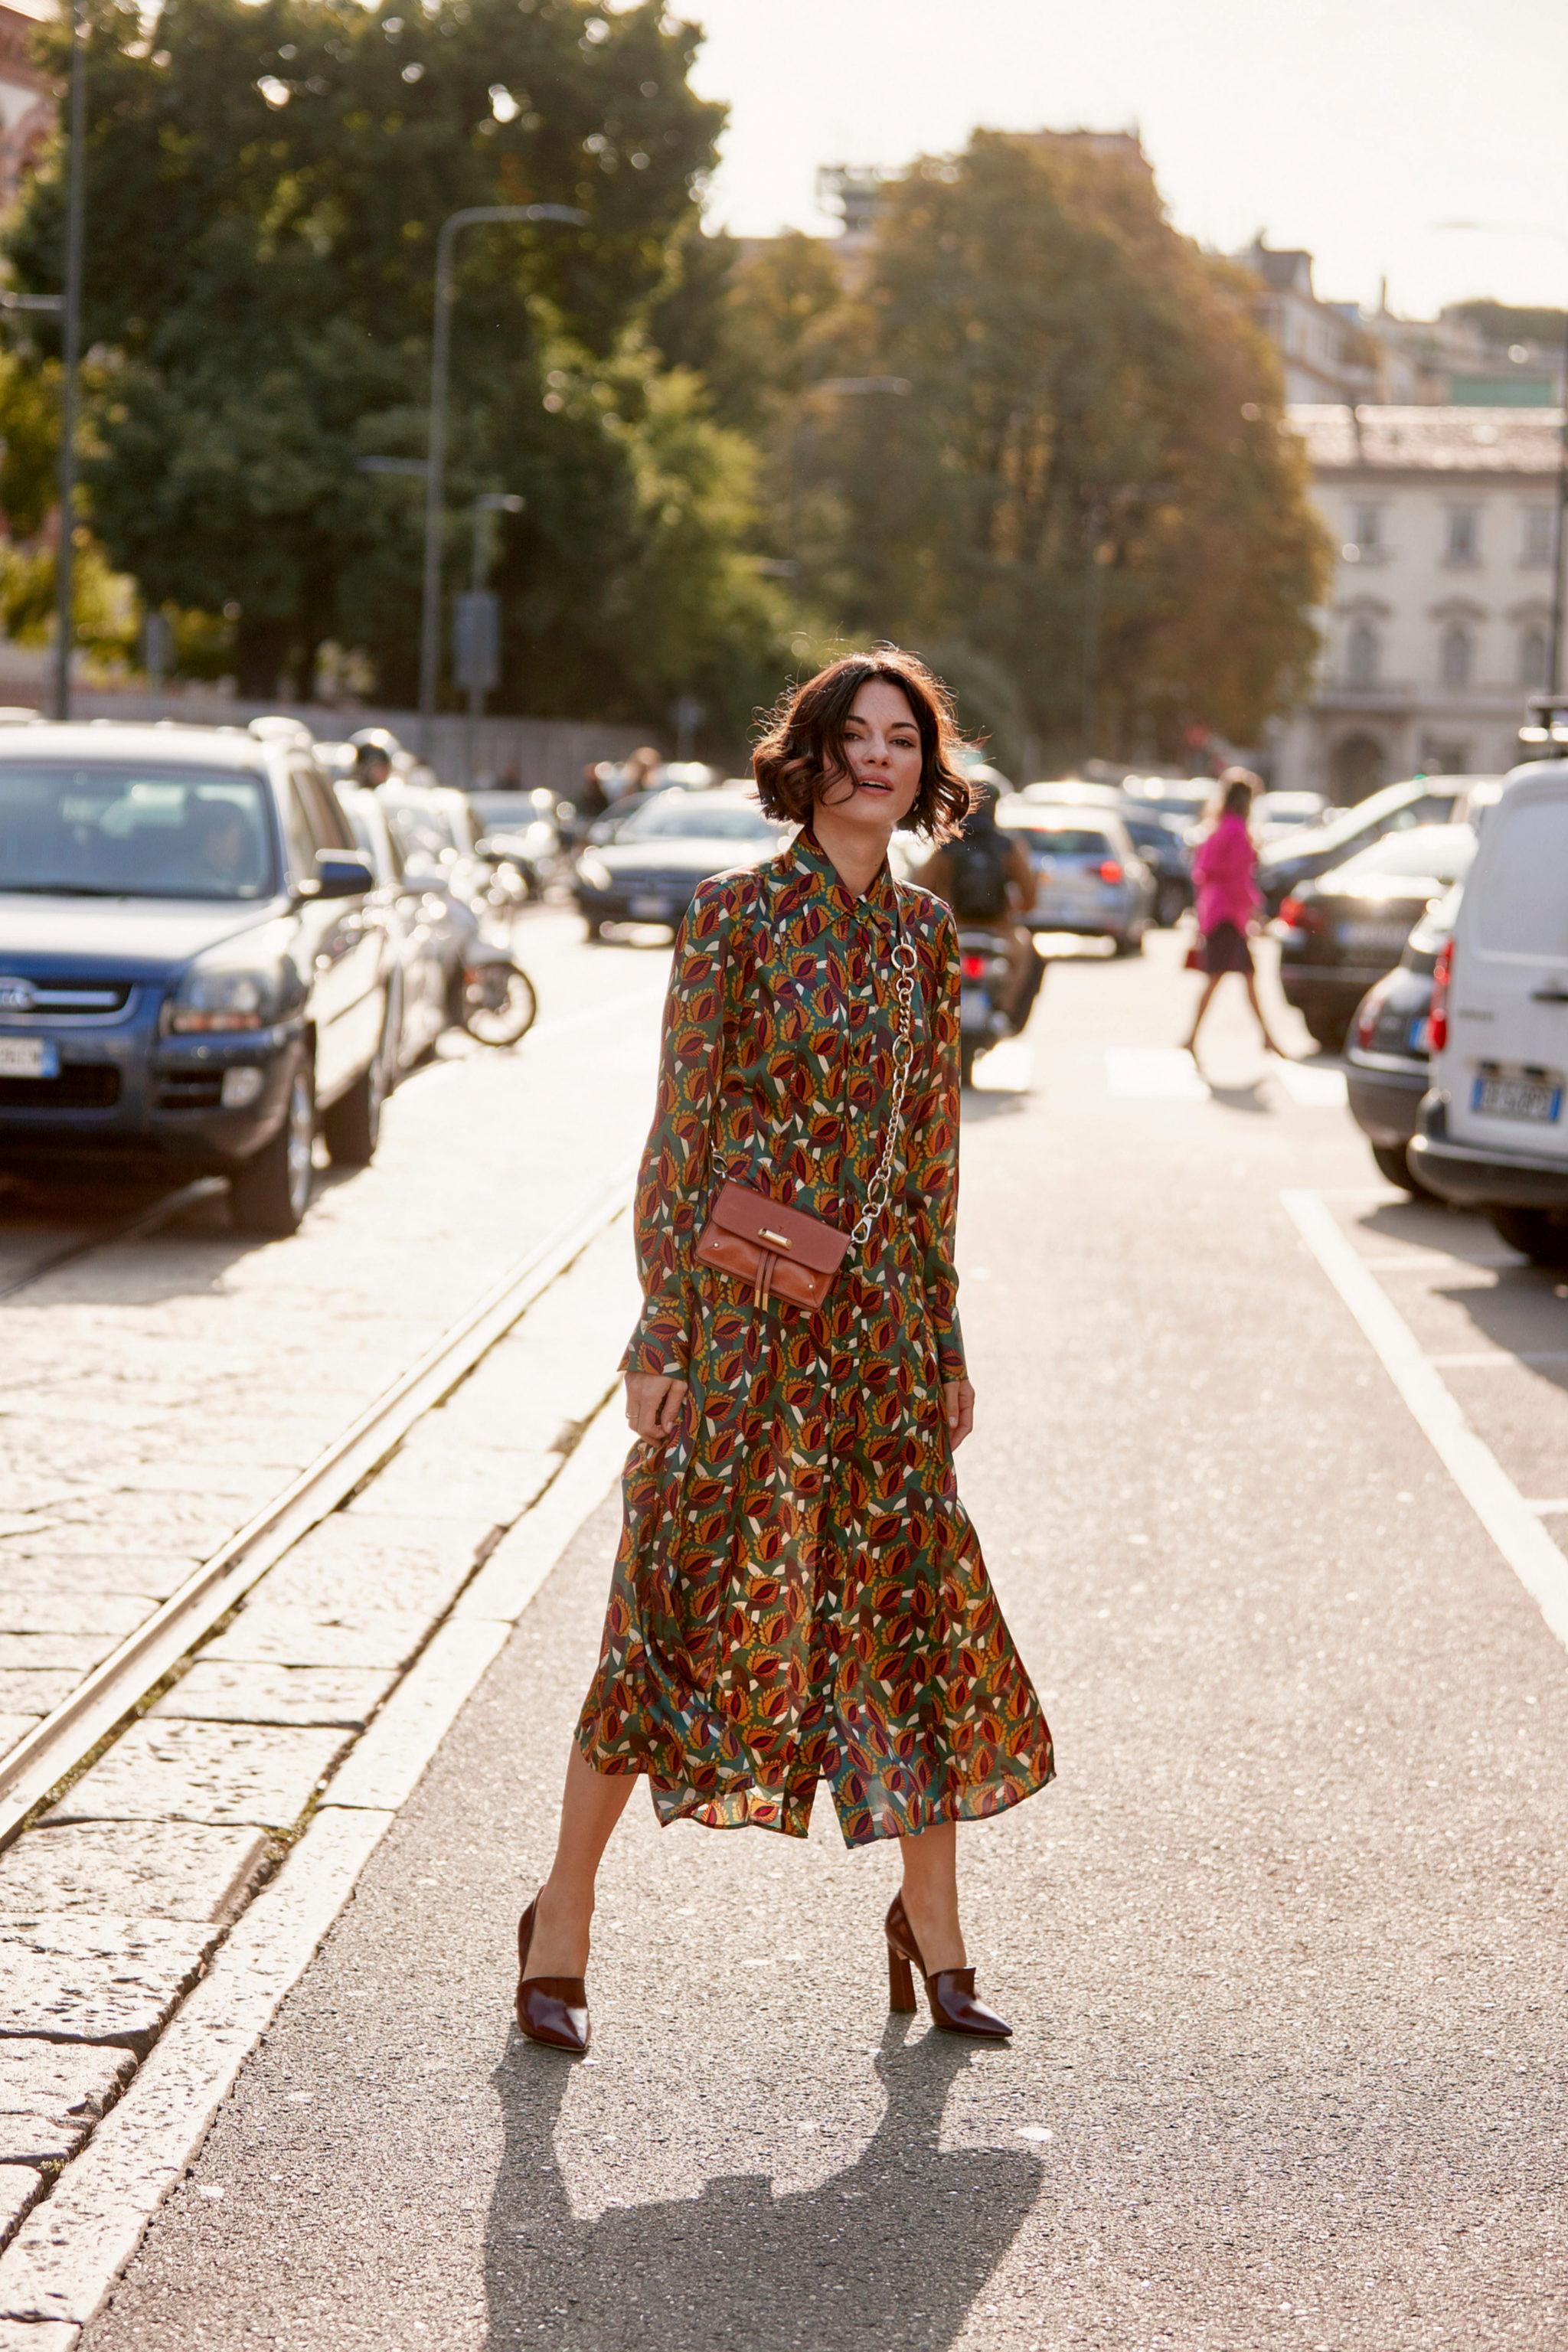 Algunos de los vestidos de flores que hemos visto en el street style